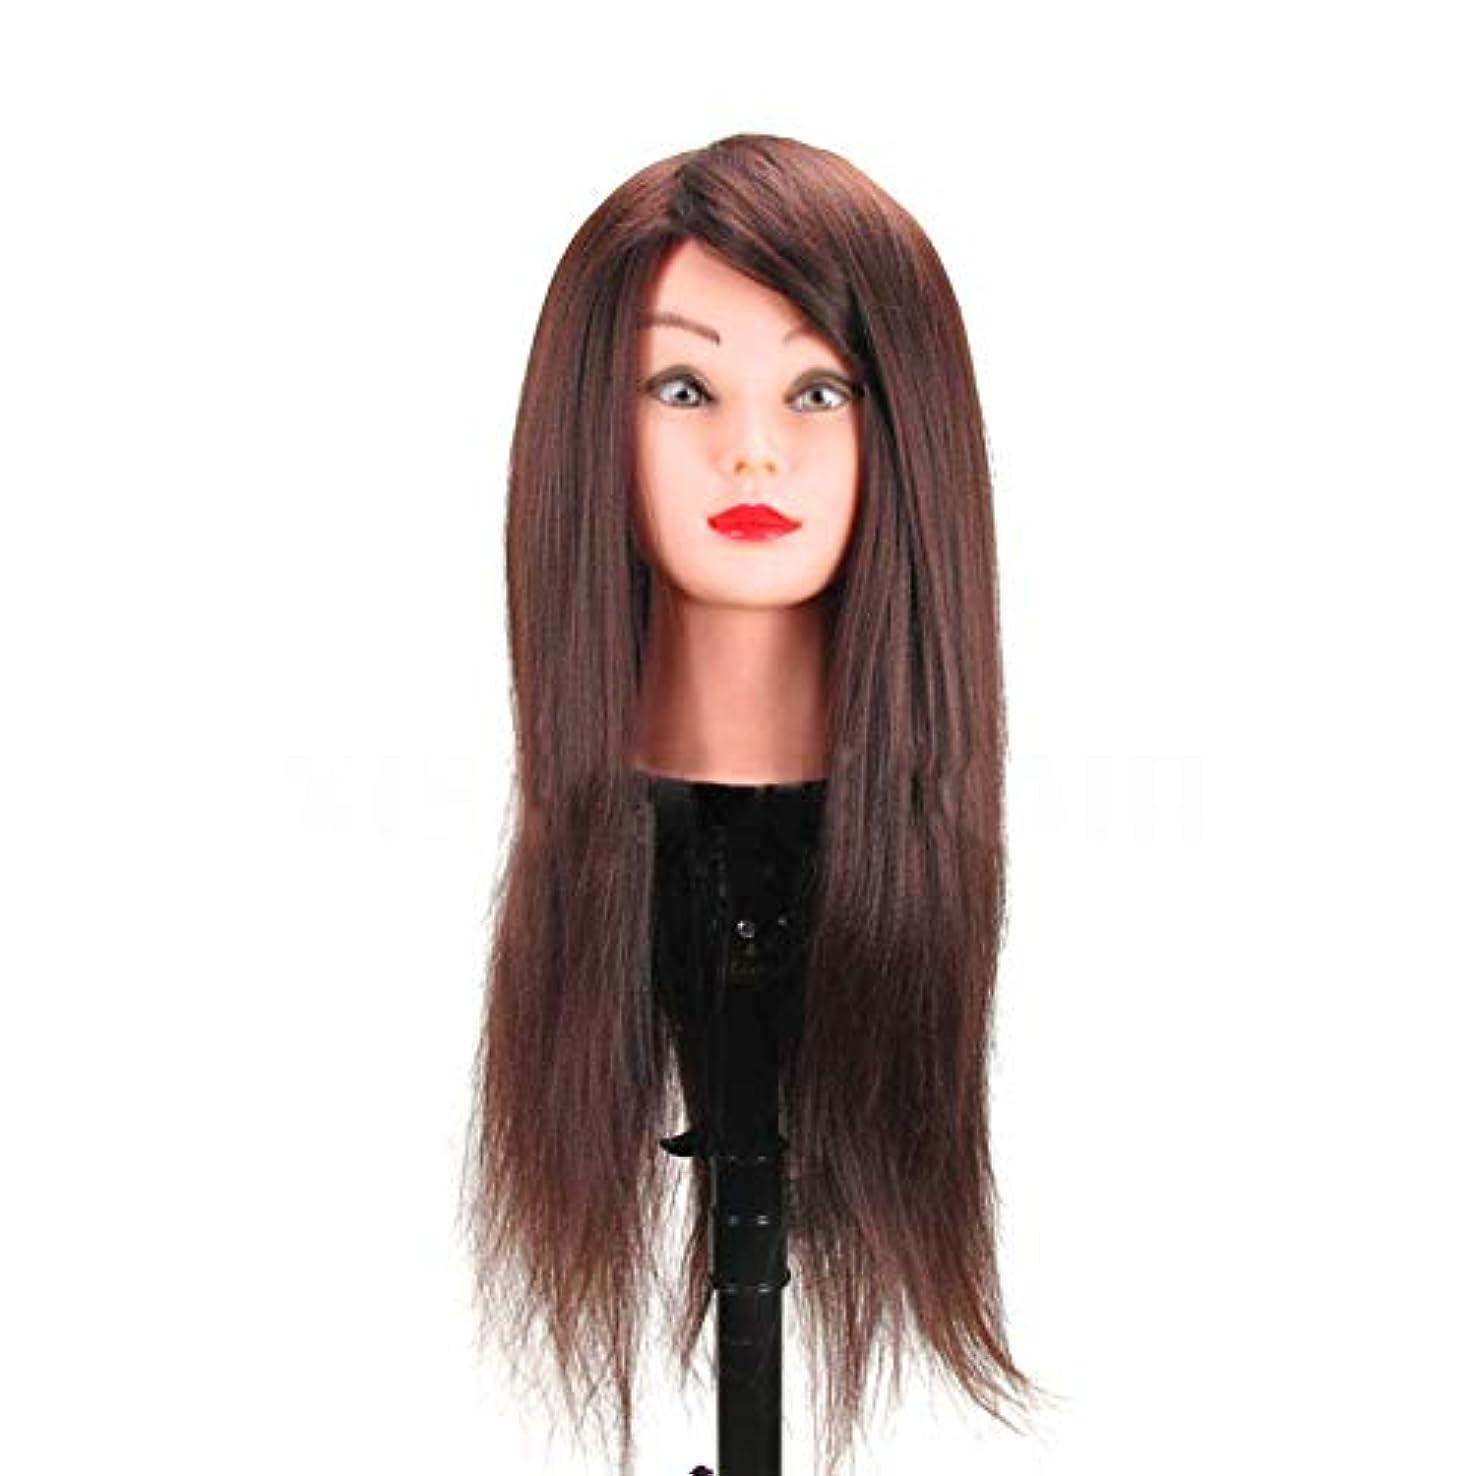 スモッグ宙返りウガンダ高温シルク編組ヘアスタイリングヘッドモデル理髪店理髪ダミーヘッド化粧練習マネキンヘッド